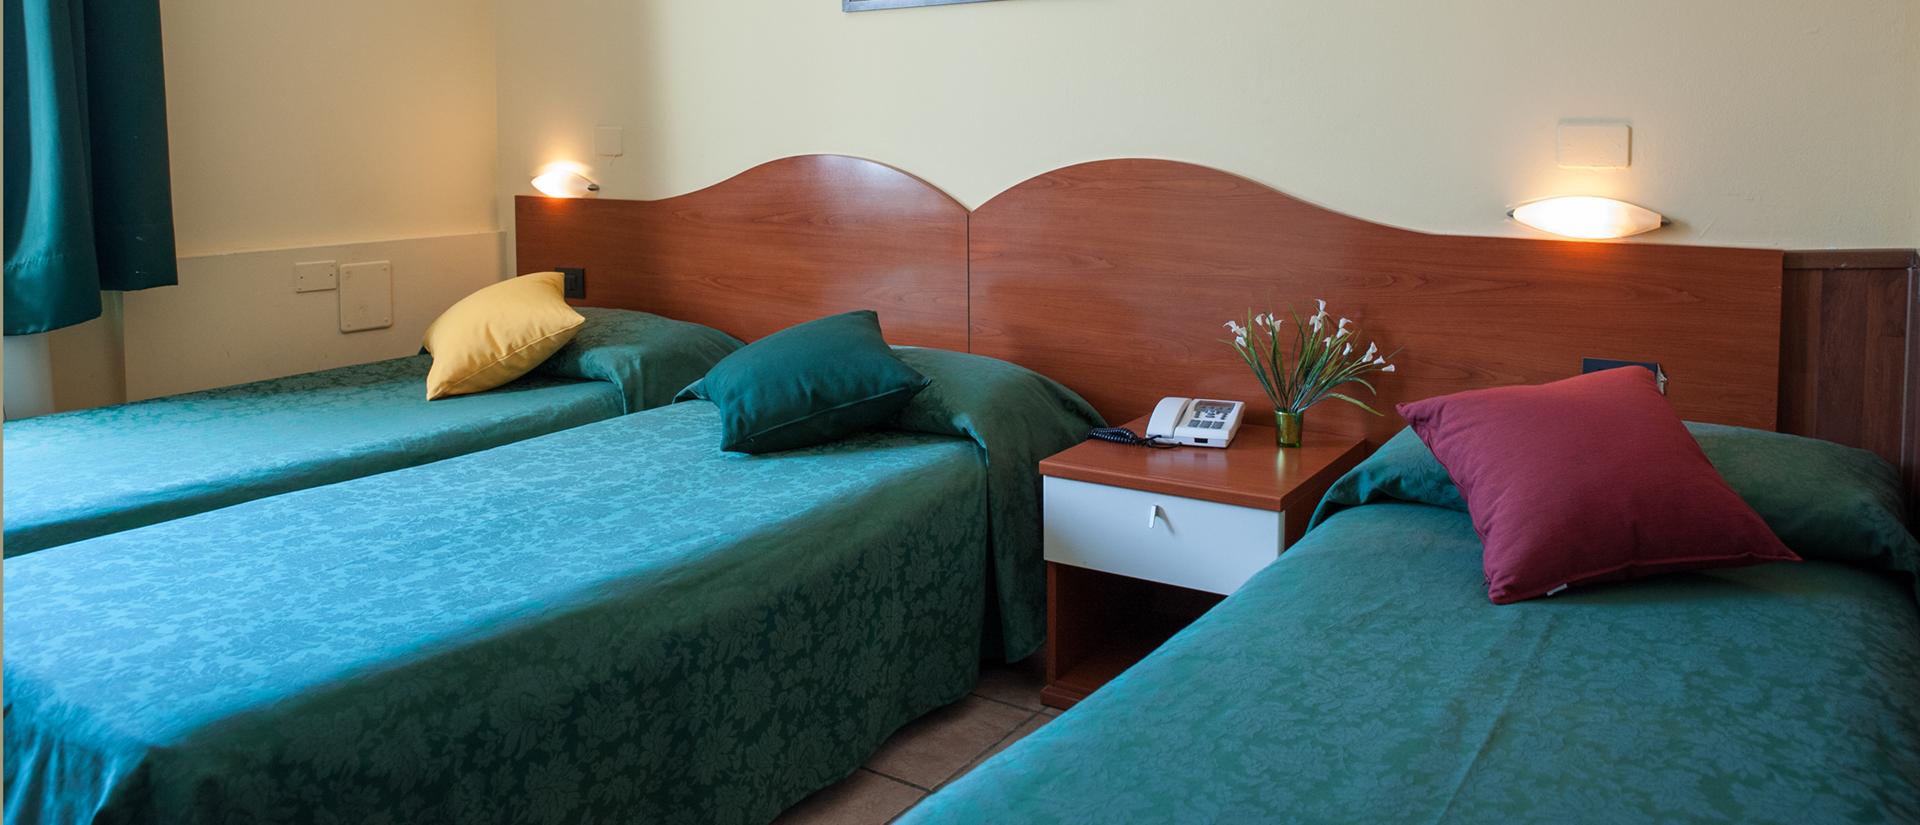 camera-tripla-hotel-centro-milano